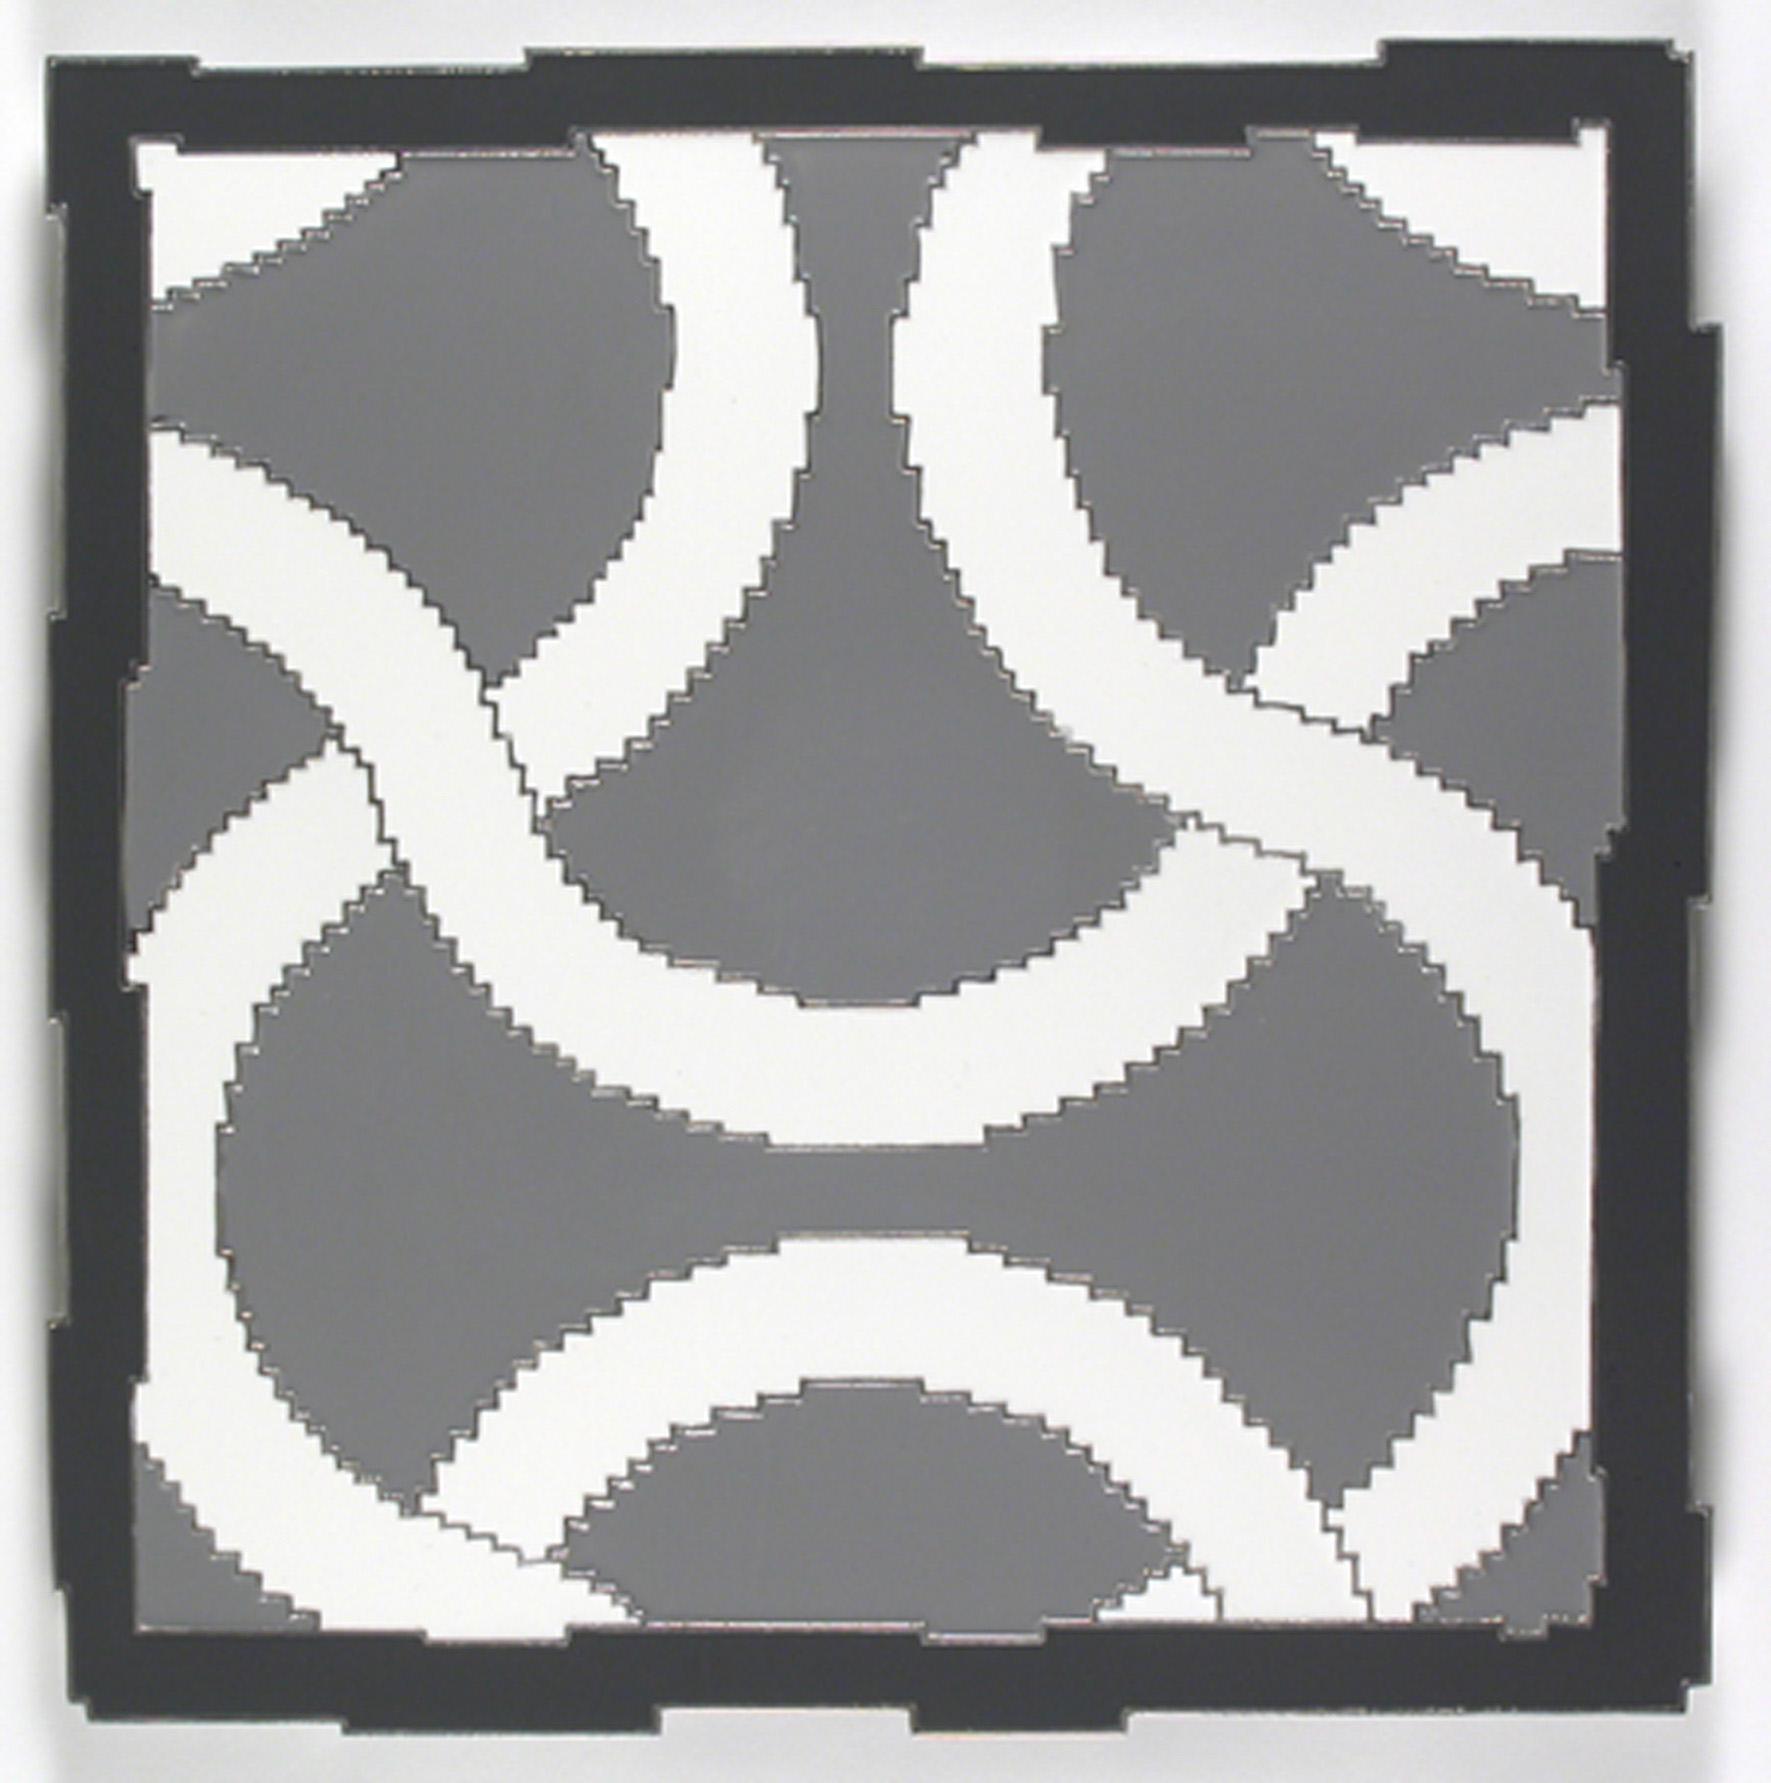 fotoincisione su alluminio, smalti 50x50cm maze